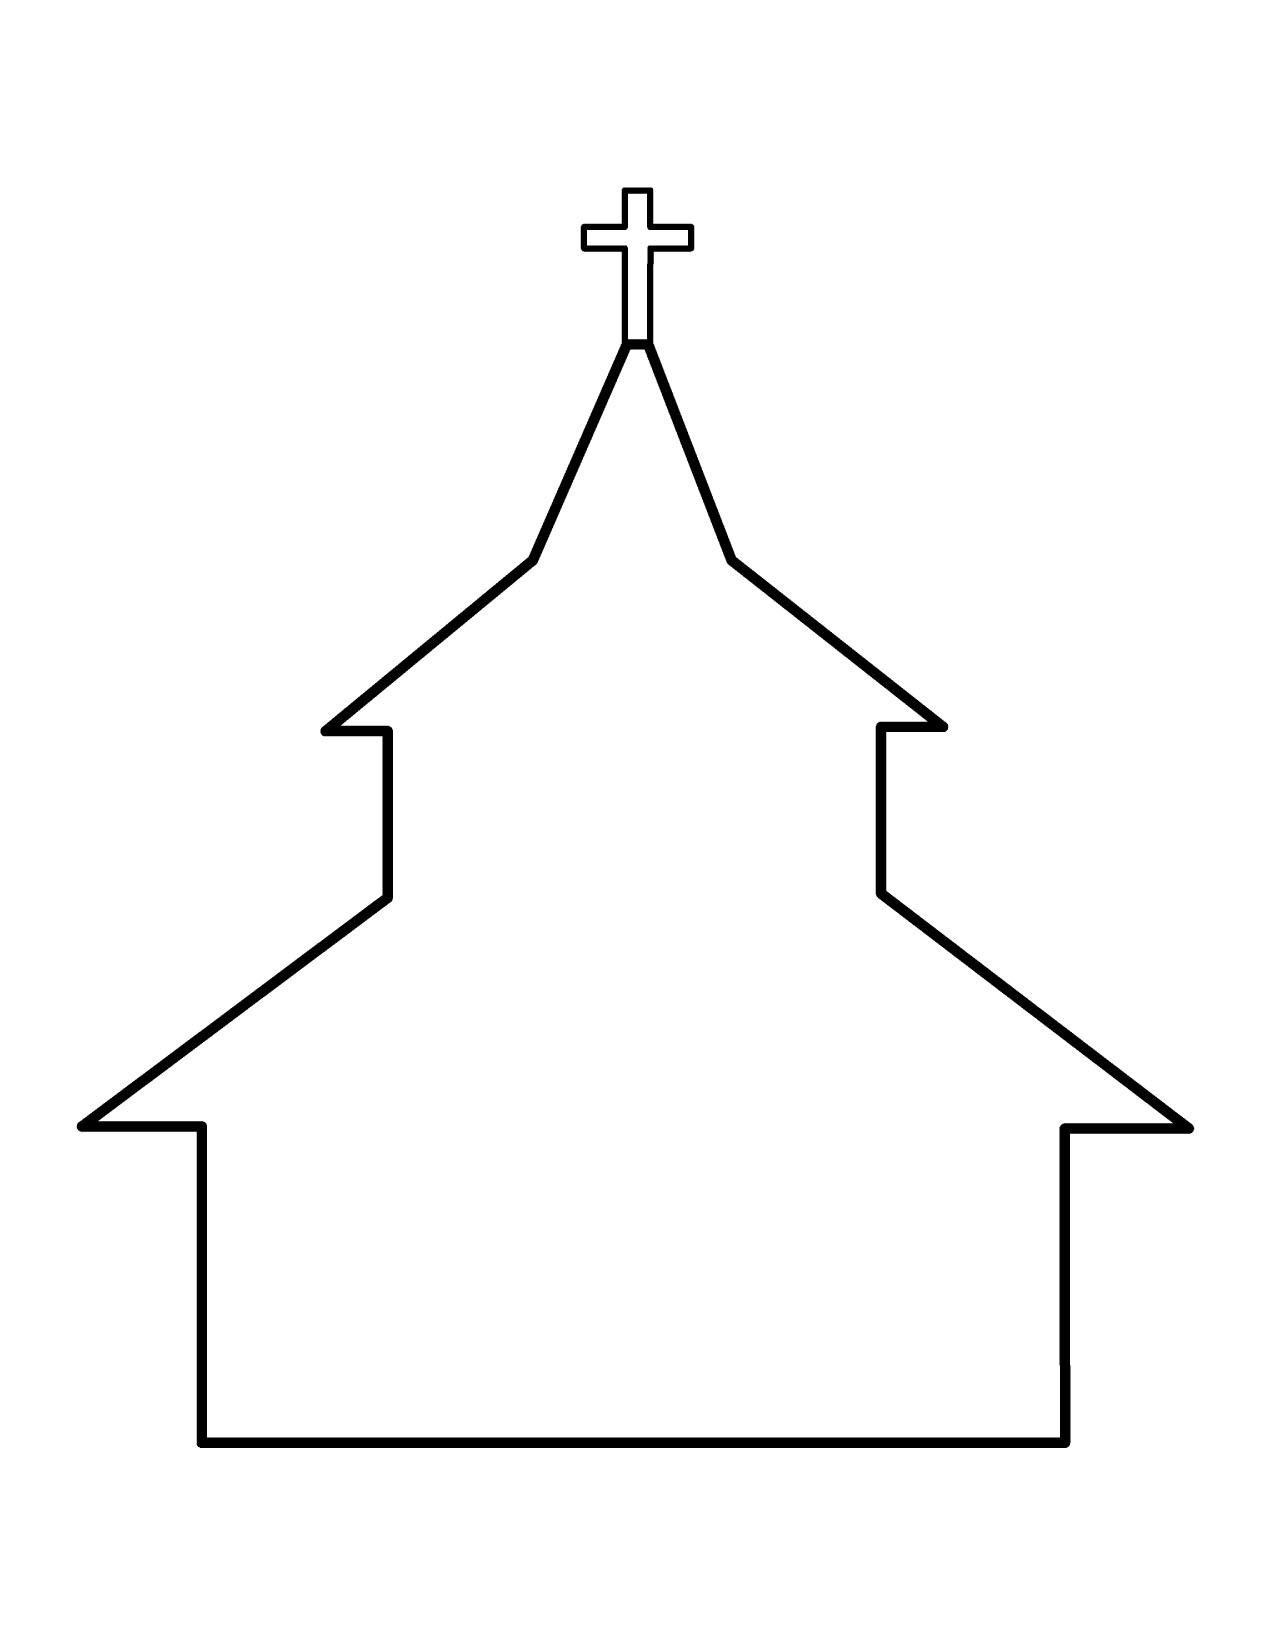 Clip Art Church Clipart Black And White church clipart black and white best tumundografico